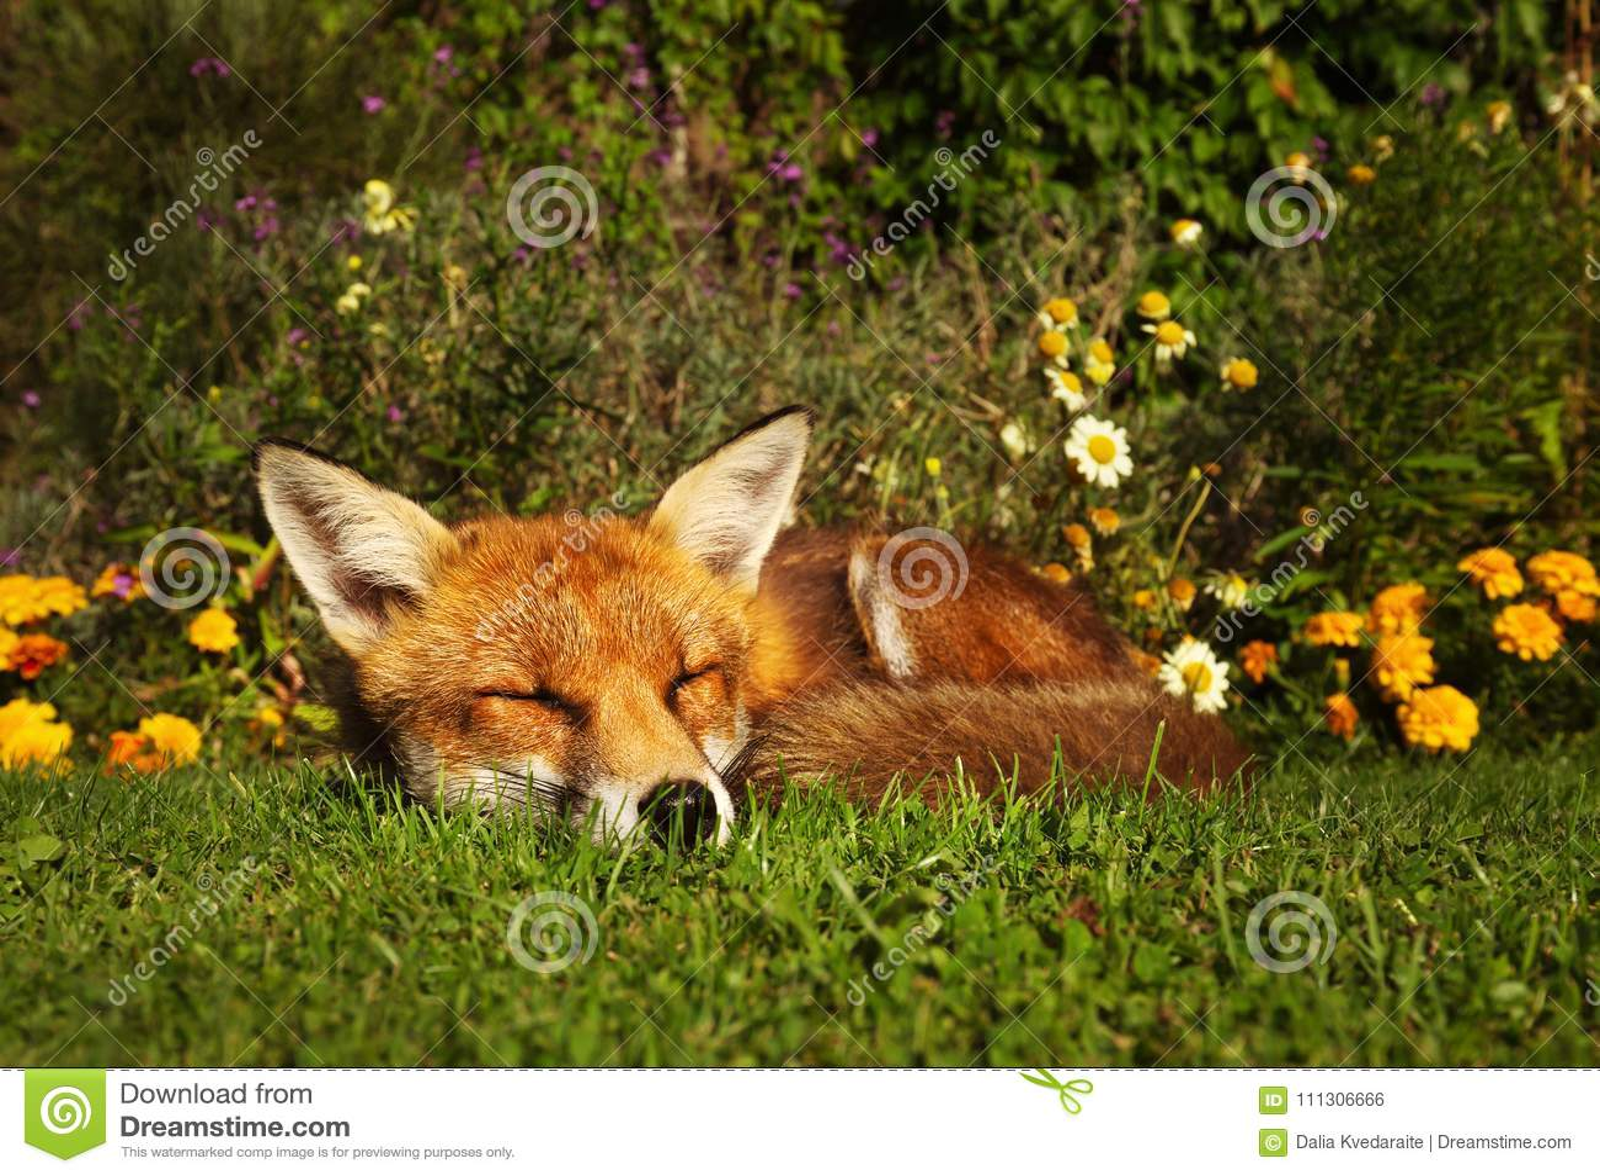 Roter Fuchs Der Im Garten Mit Blumen Schläft Stockfoto Bild Von